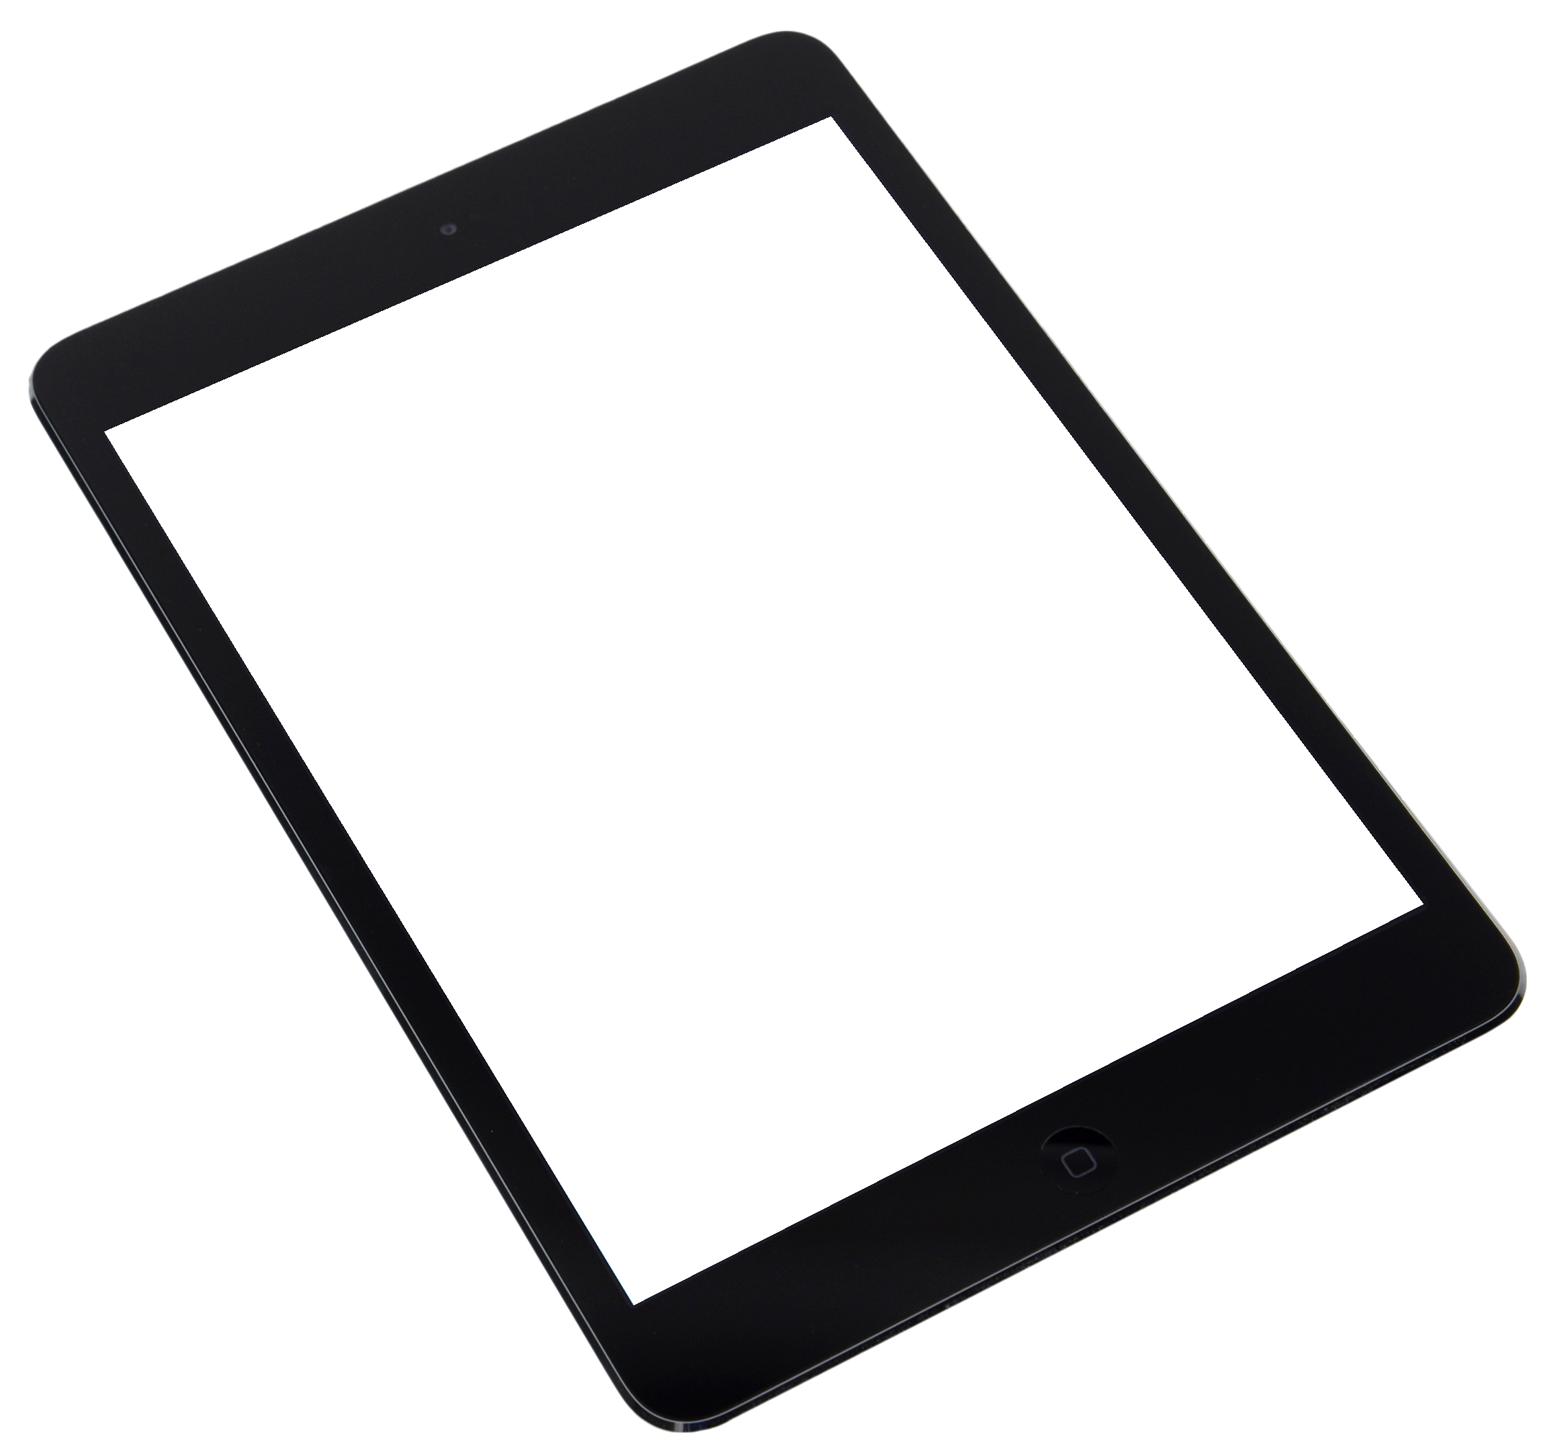 Ipad PNG Image